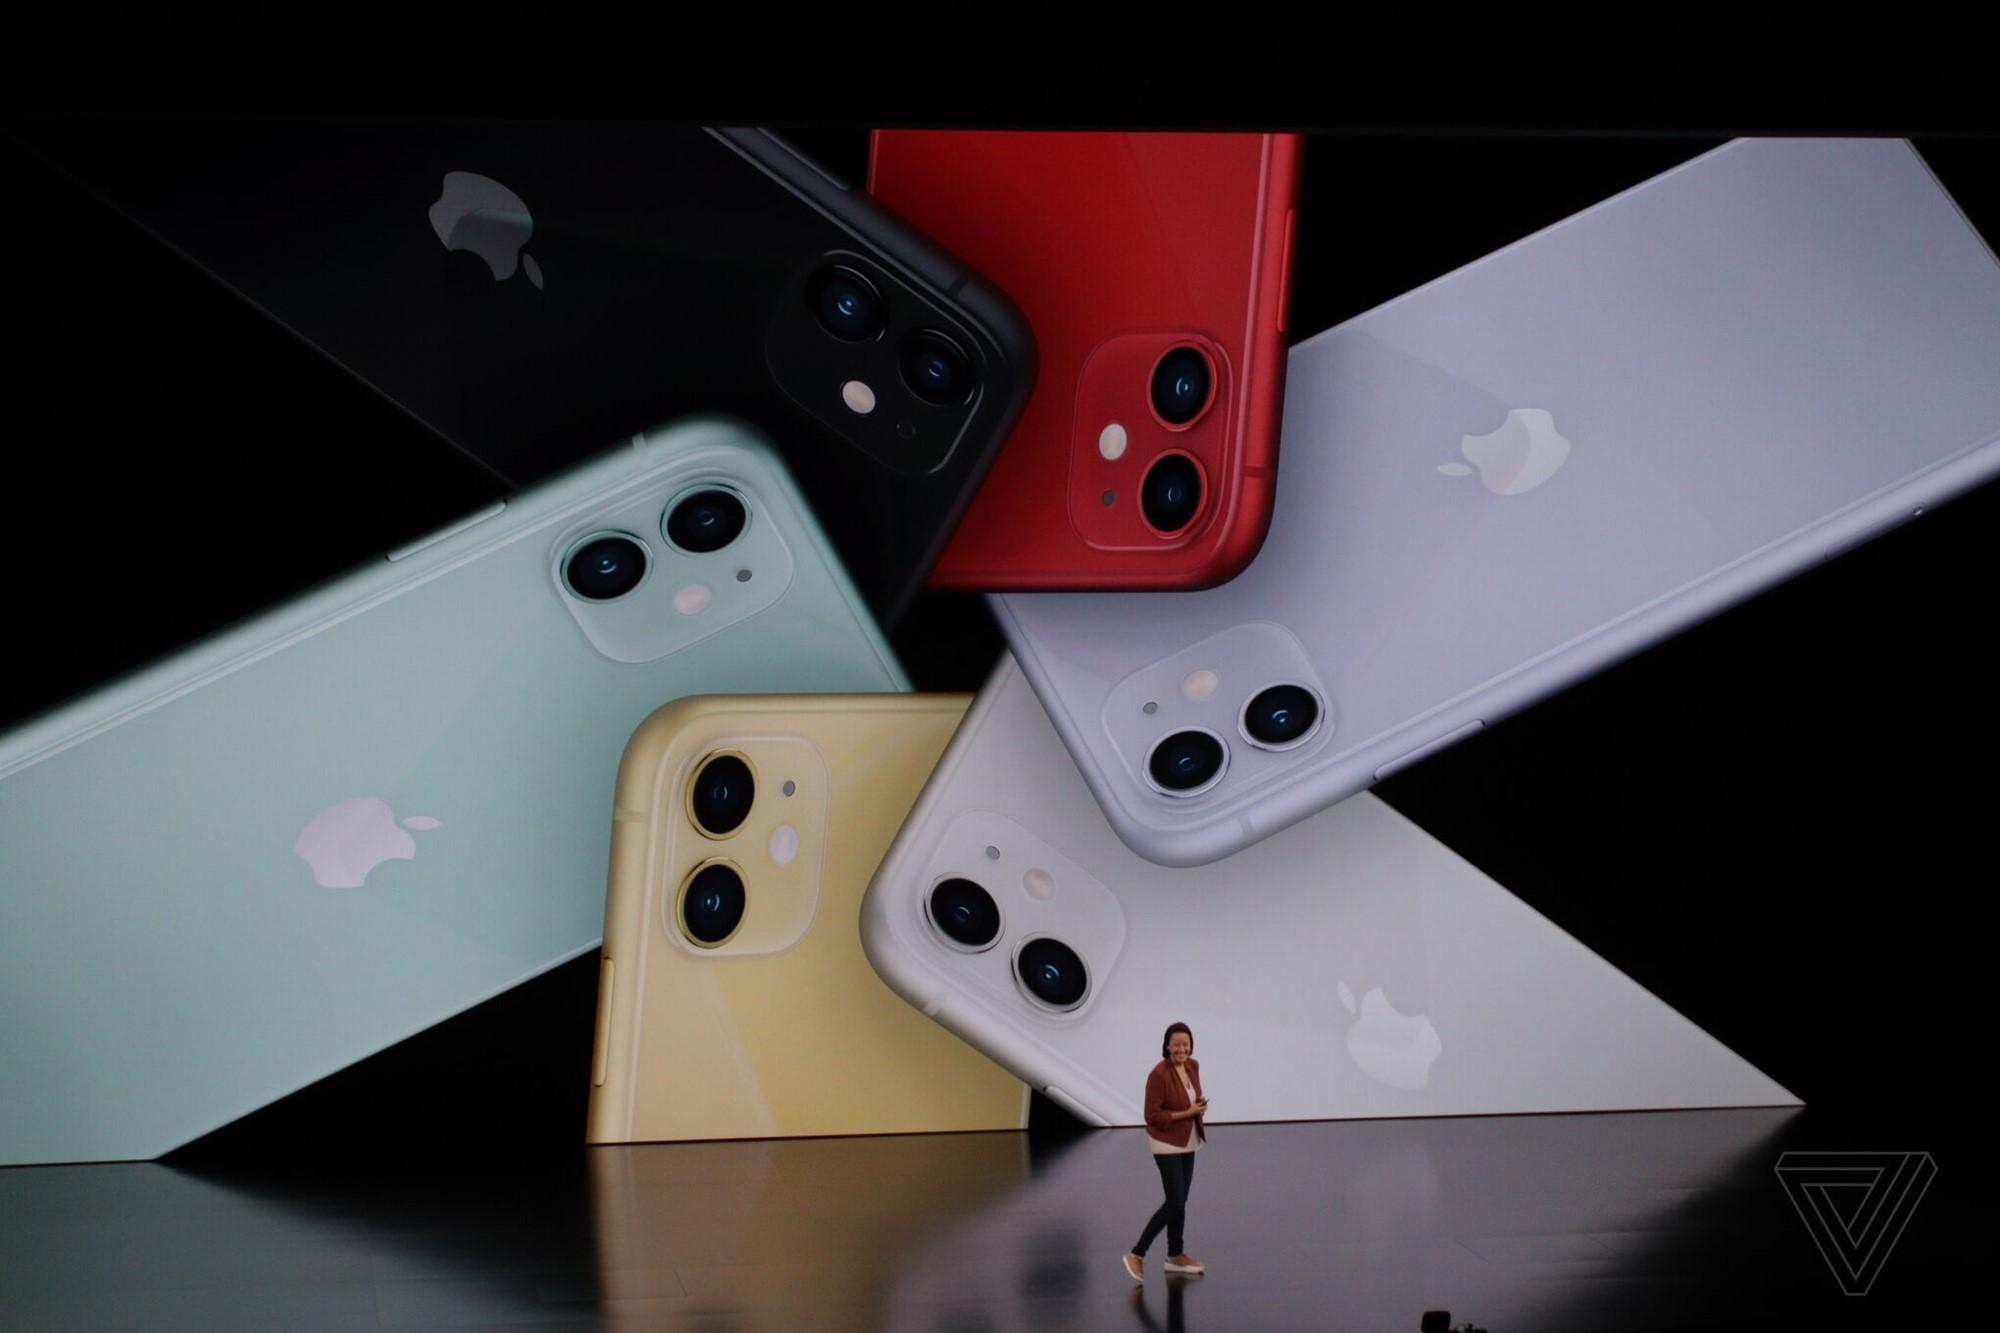 lcimg-cfaf149a-9c0b-4a33-b213-750c33c2580a Sự kiện công bố Apple iPhone 11 mới: Camera góc siêu rộng 120 độ, pin lớn hơn tới 5h so với iPhone XR, giá chỉ từ 699$